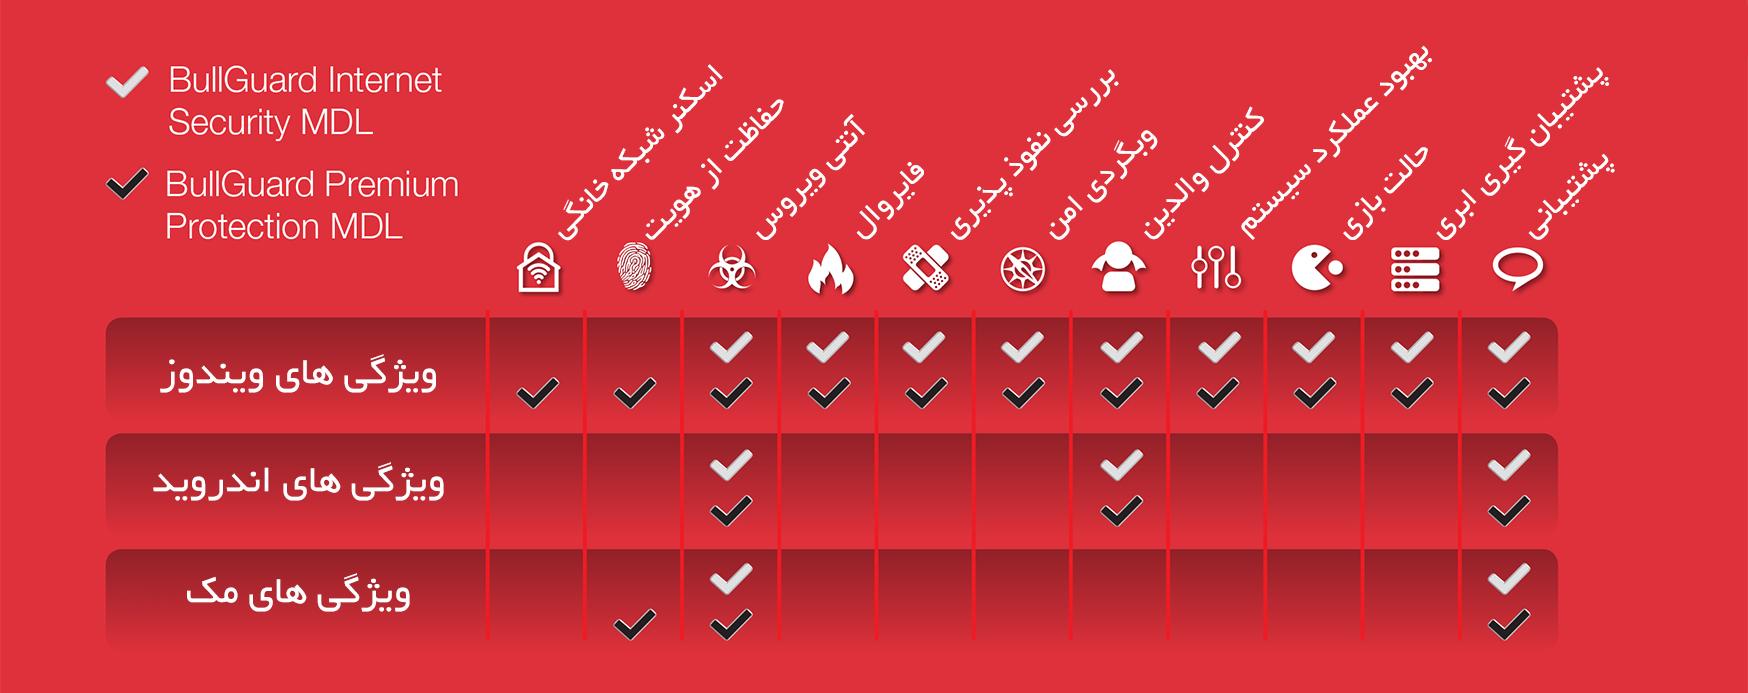 جدول مقایسه محصولات بولگارد